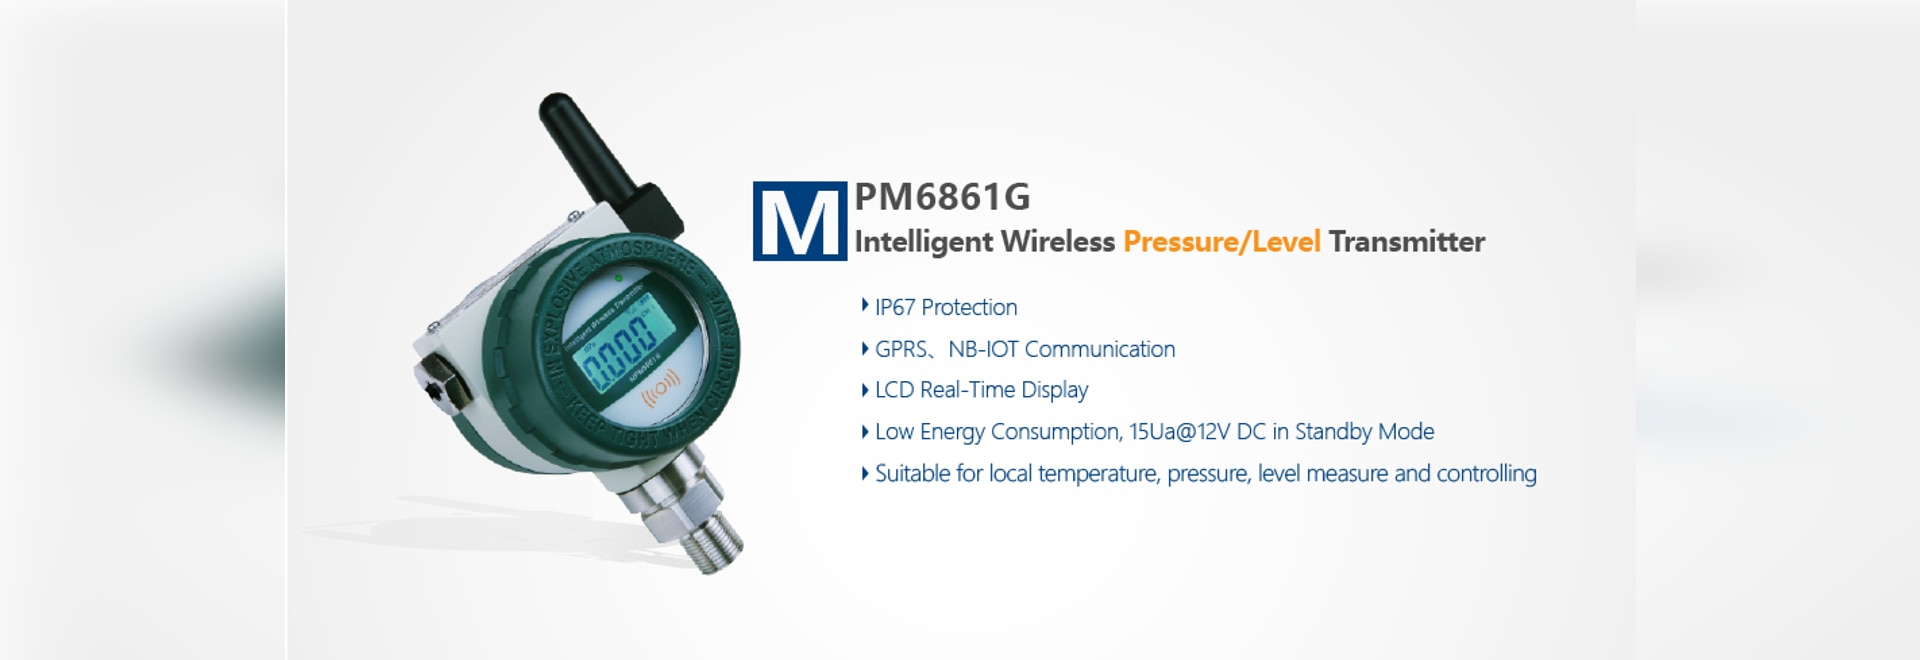 Pression sans fil intelligente/émetteur de niveau MPM6861G (W) pour l'eau souterraine